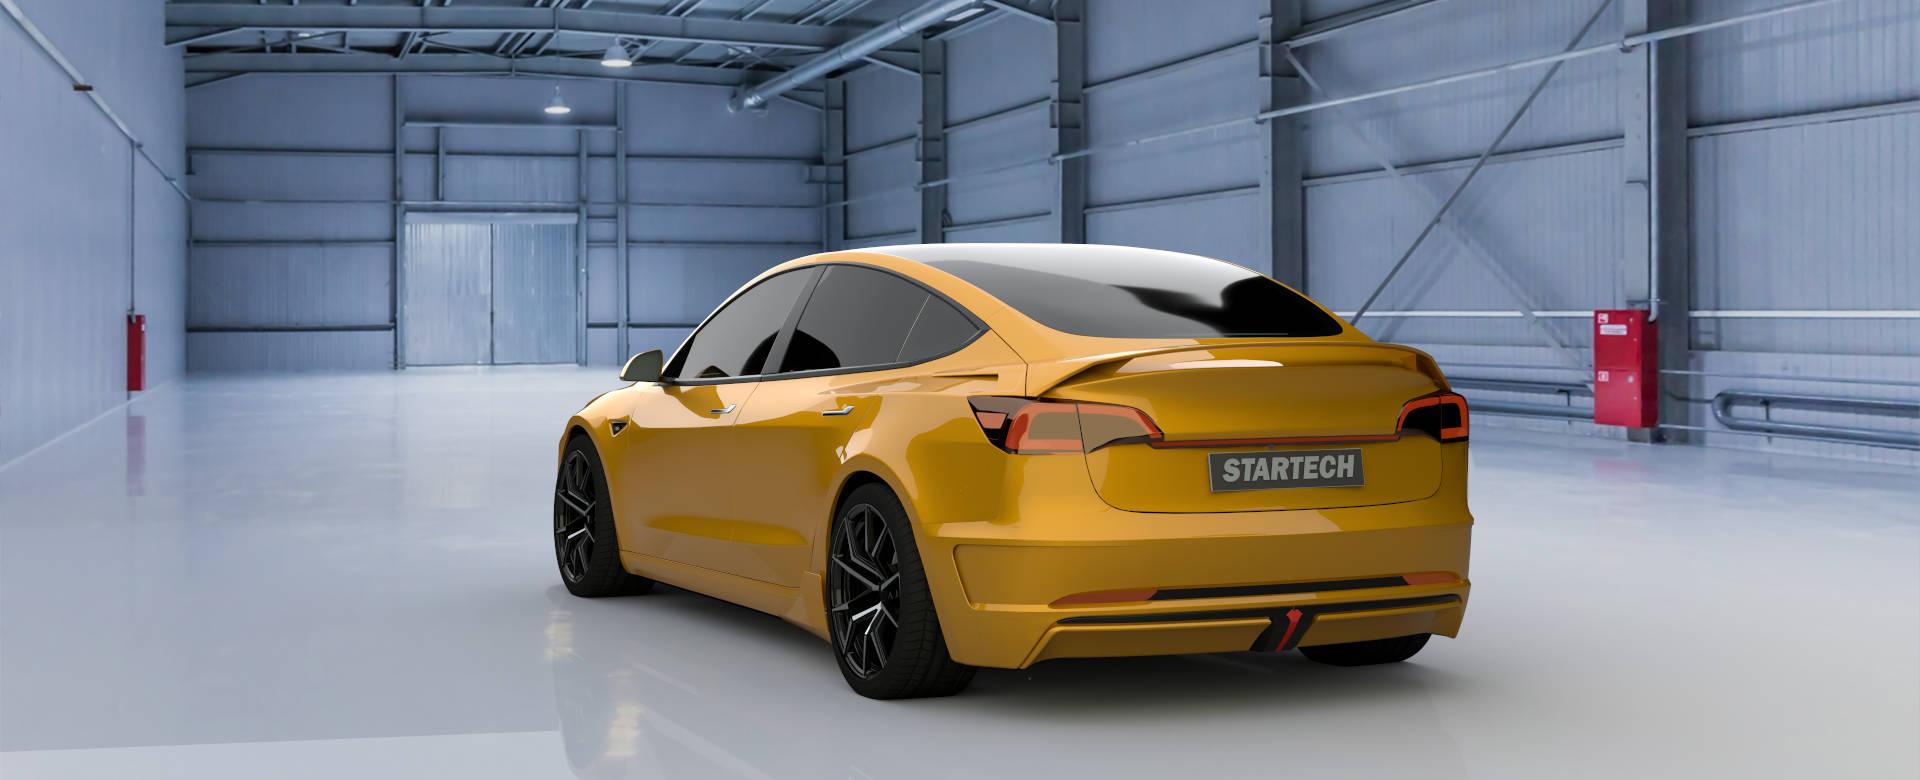 Tesla Model 3 Startech